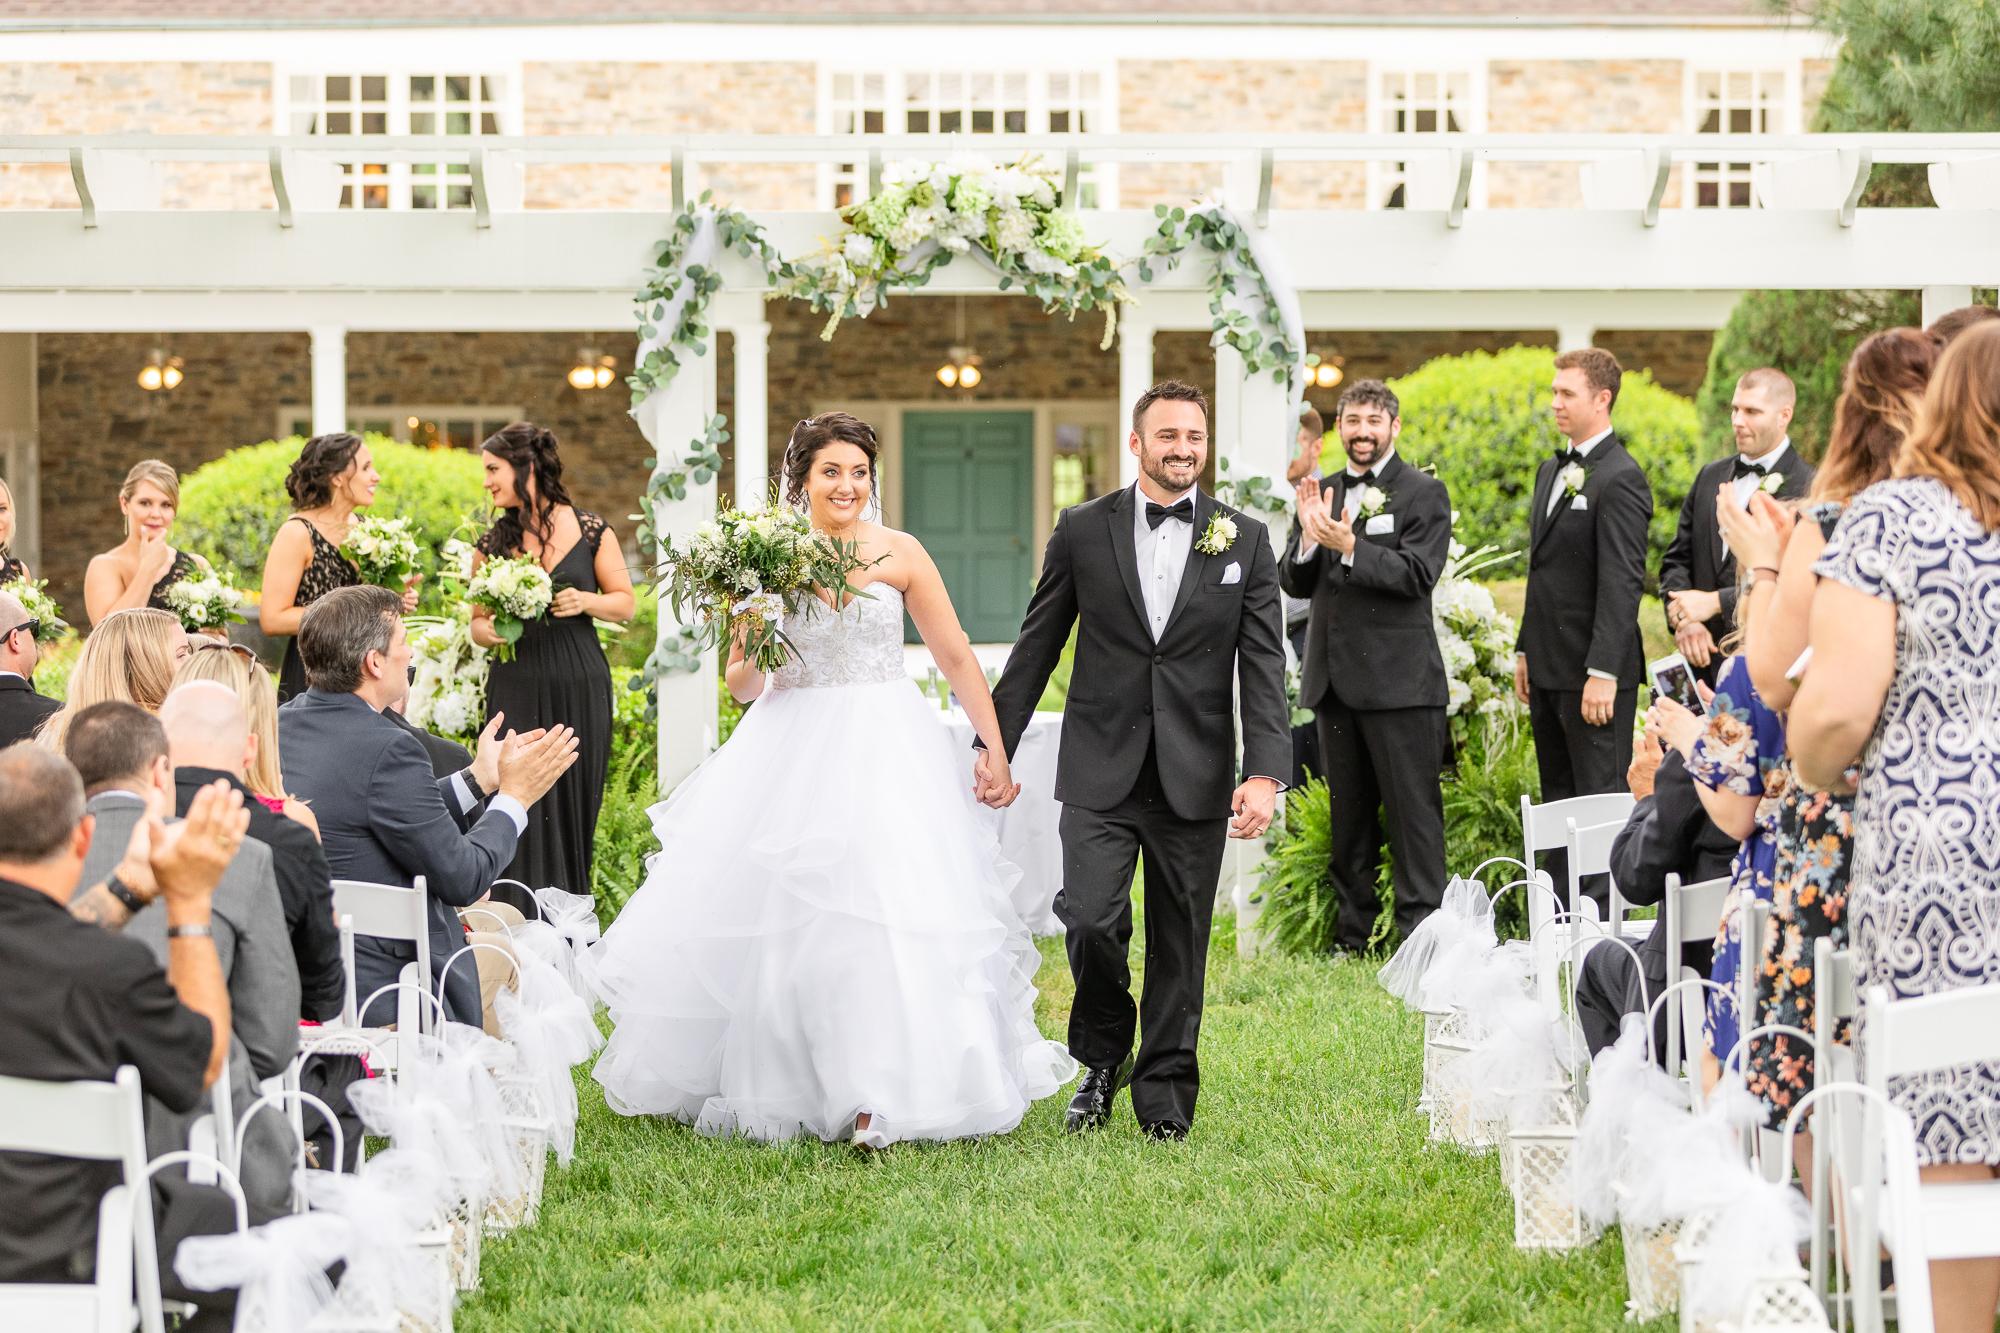 Stone-manor-country-club-wedding-photos-104-2.jpg